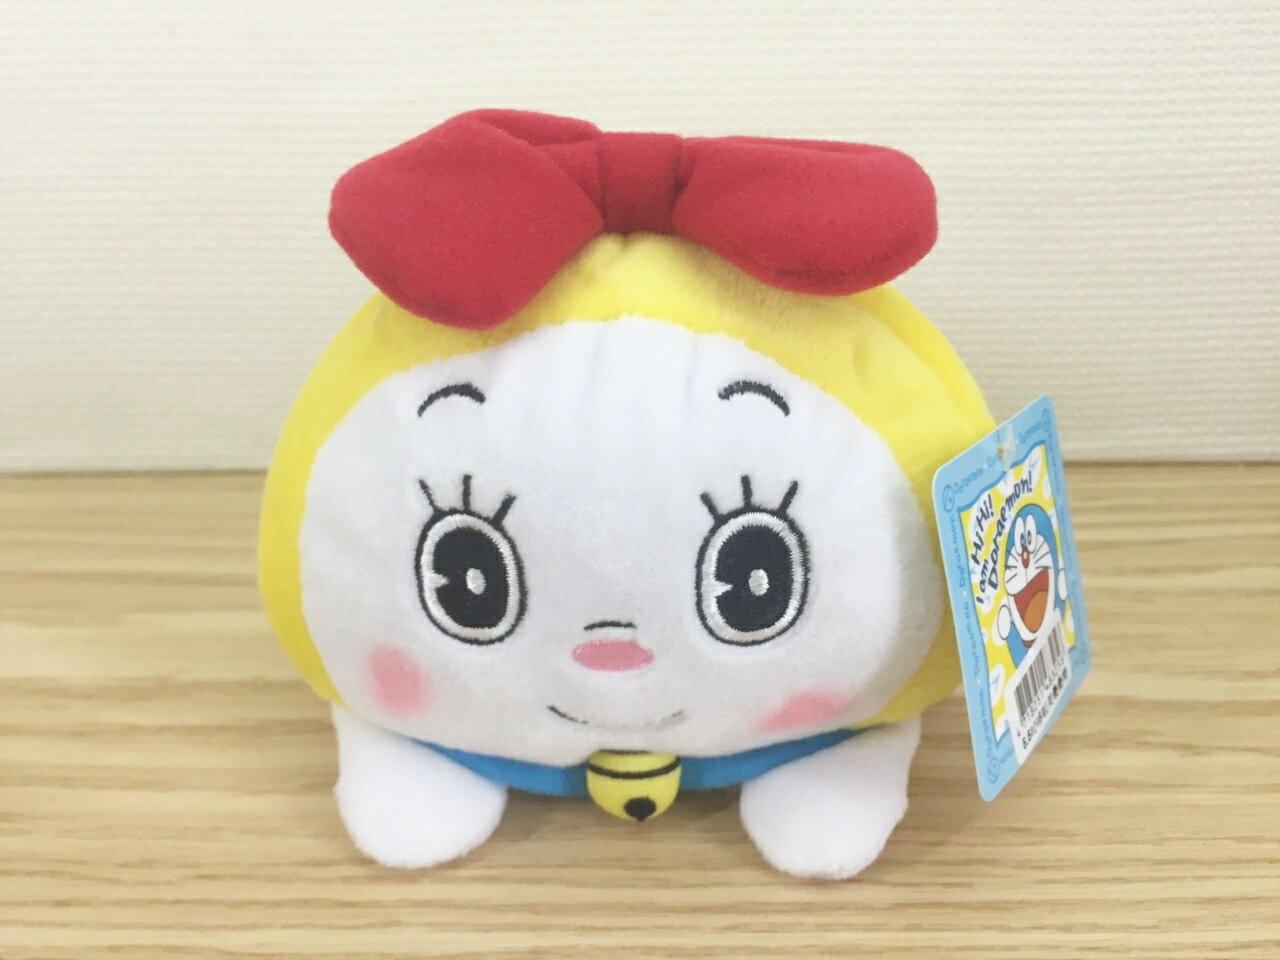 【真愛日本】15112300019 5.5吋TSUM疊疊樂-叮鈴 多拉A夢 小叮噹 Doraemon 娃娃 公仔